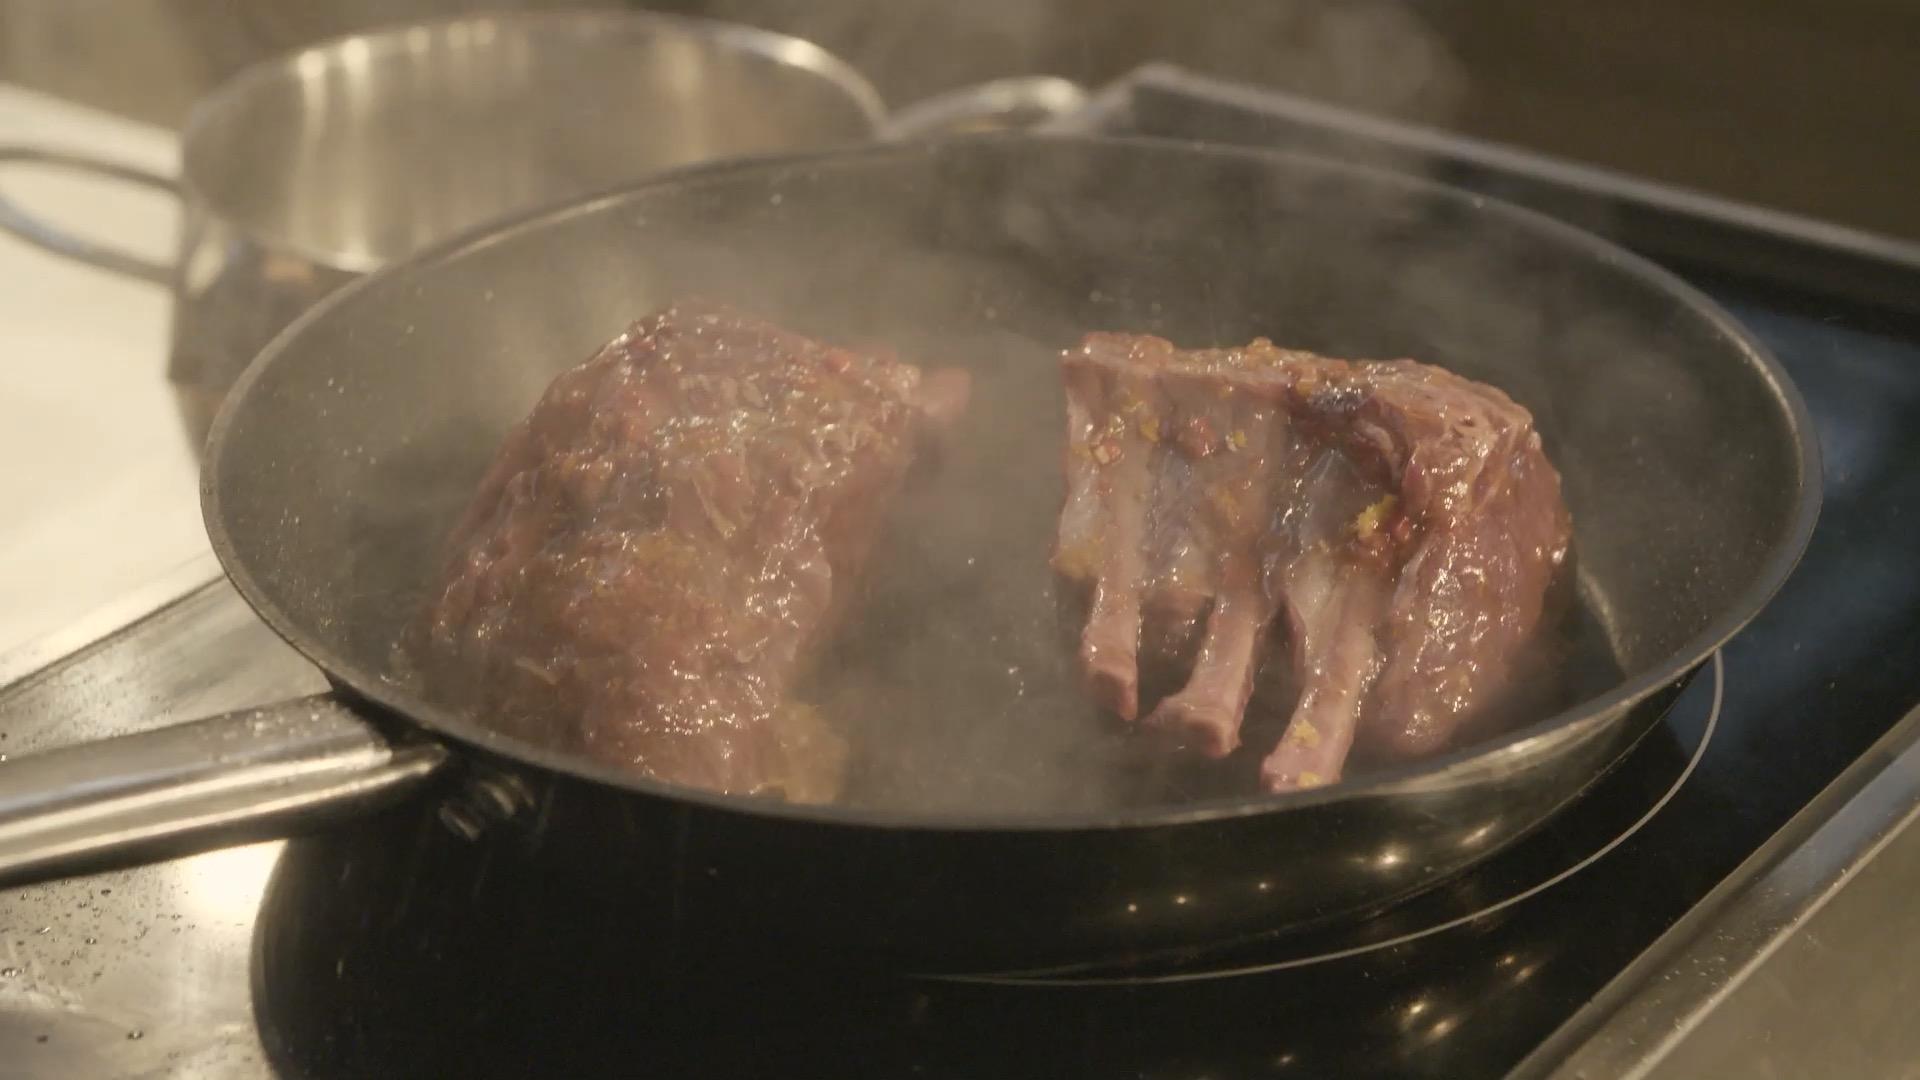 Voeg de BBQ saus, sriracha en bier samen in een kom. Rasp de gember, knoflook en mandarijn in de kom voeg nu de honing, peper en zout toe en roer de marinade goed door elkaar heen. Snijd het rack op het vet randje kruislings in en leeg deze in de kom of ovenschaal met marinade. Als je de tijd hebt kan je dit een dag van te voren doen en kan het anders zo een 3-4 uur lekker in de marinade laten liggen.  Als het zover is zet je een pan op middel hoog vuur, voeg je een beetje zonnebloem olie toe en bak het Hertenrack aan beide kanten aan tot hij mooi dicht geschroeid is. Nu haal je het rack uit de pan en laat het zo een 3-4 minuten rusten. De oven staat als het goed is al lekker te loeien op 180 graden, dan mag het rack in een oven schaal met de rest van de marinade zo een 7-8 minuten in, vervolgens haal je het er weer uit om even te laten rusten en dan geef je het nog 3-4 minuten in de oven. Leg een paar takjes Tijm op het vlees en dan heb je een super smaakvol stuk vlees om in jouw kerst menu te verwerken! Ik hoop dat jullie er van gaan genieten!   *Als het goed is blijft er nog wat marinade in de ovenschaal en zal het een beetje aangekoekt zijn. Doe hier nog een scheut bier bij. Roer even goed door de schaal en leg de schaal nog een paar minuutjes in de oven. Want hierdoor heb je nog een heerlijk sausje wat je er nog bij kunt serveren ;)  Recept uit de Allerhande: Langzaam gegaarde lamsrack met specerijenrub